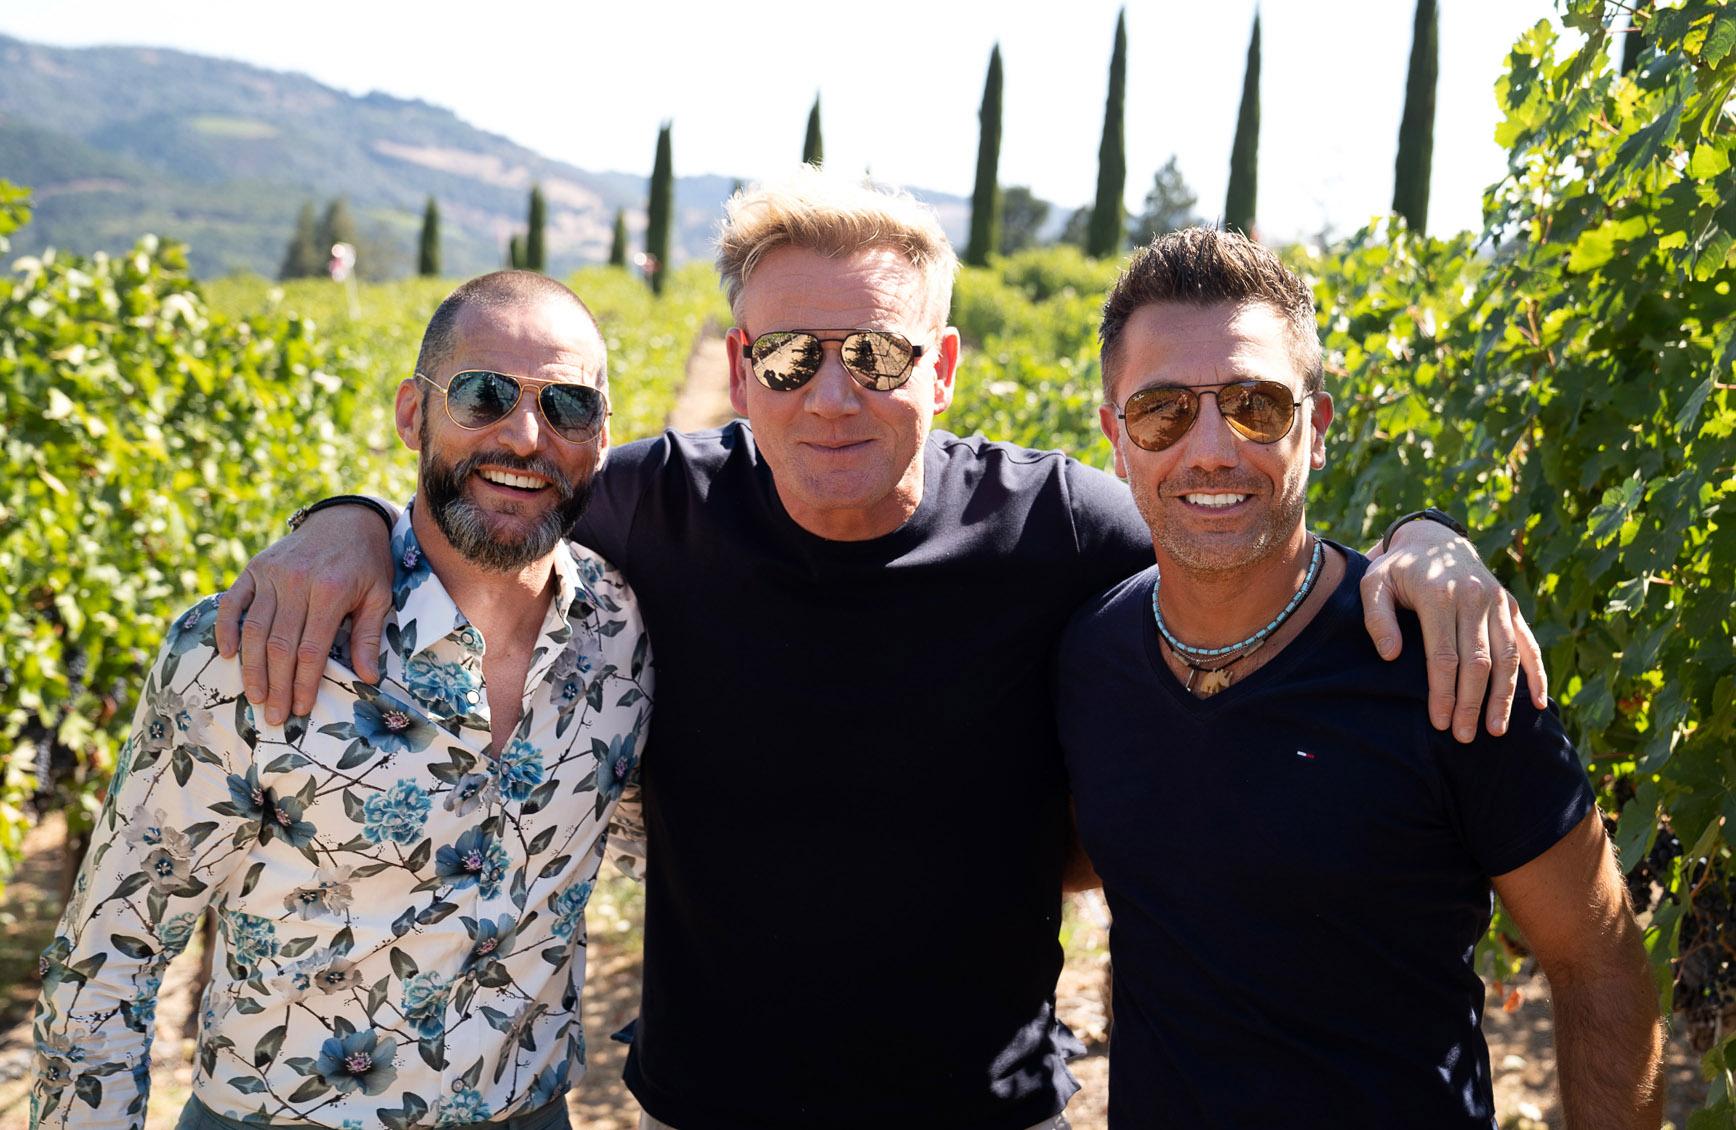 Fred Sirieix, Gordon Ramsay and Gino D'Acampo.